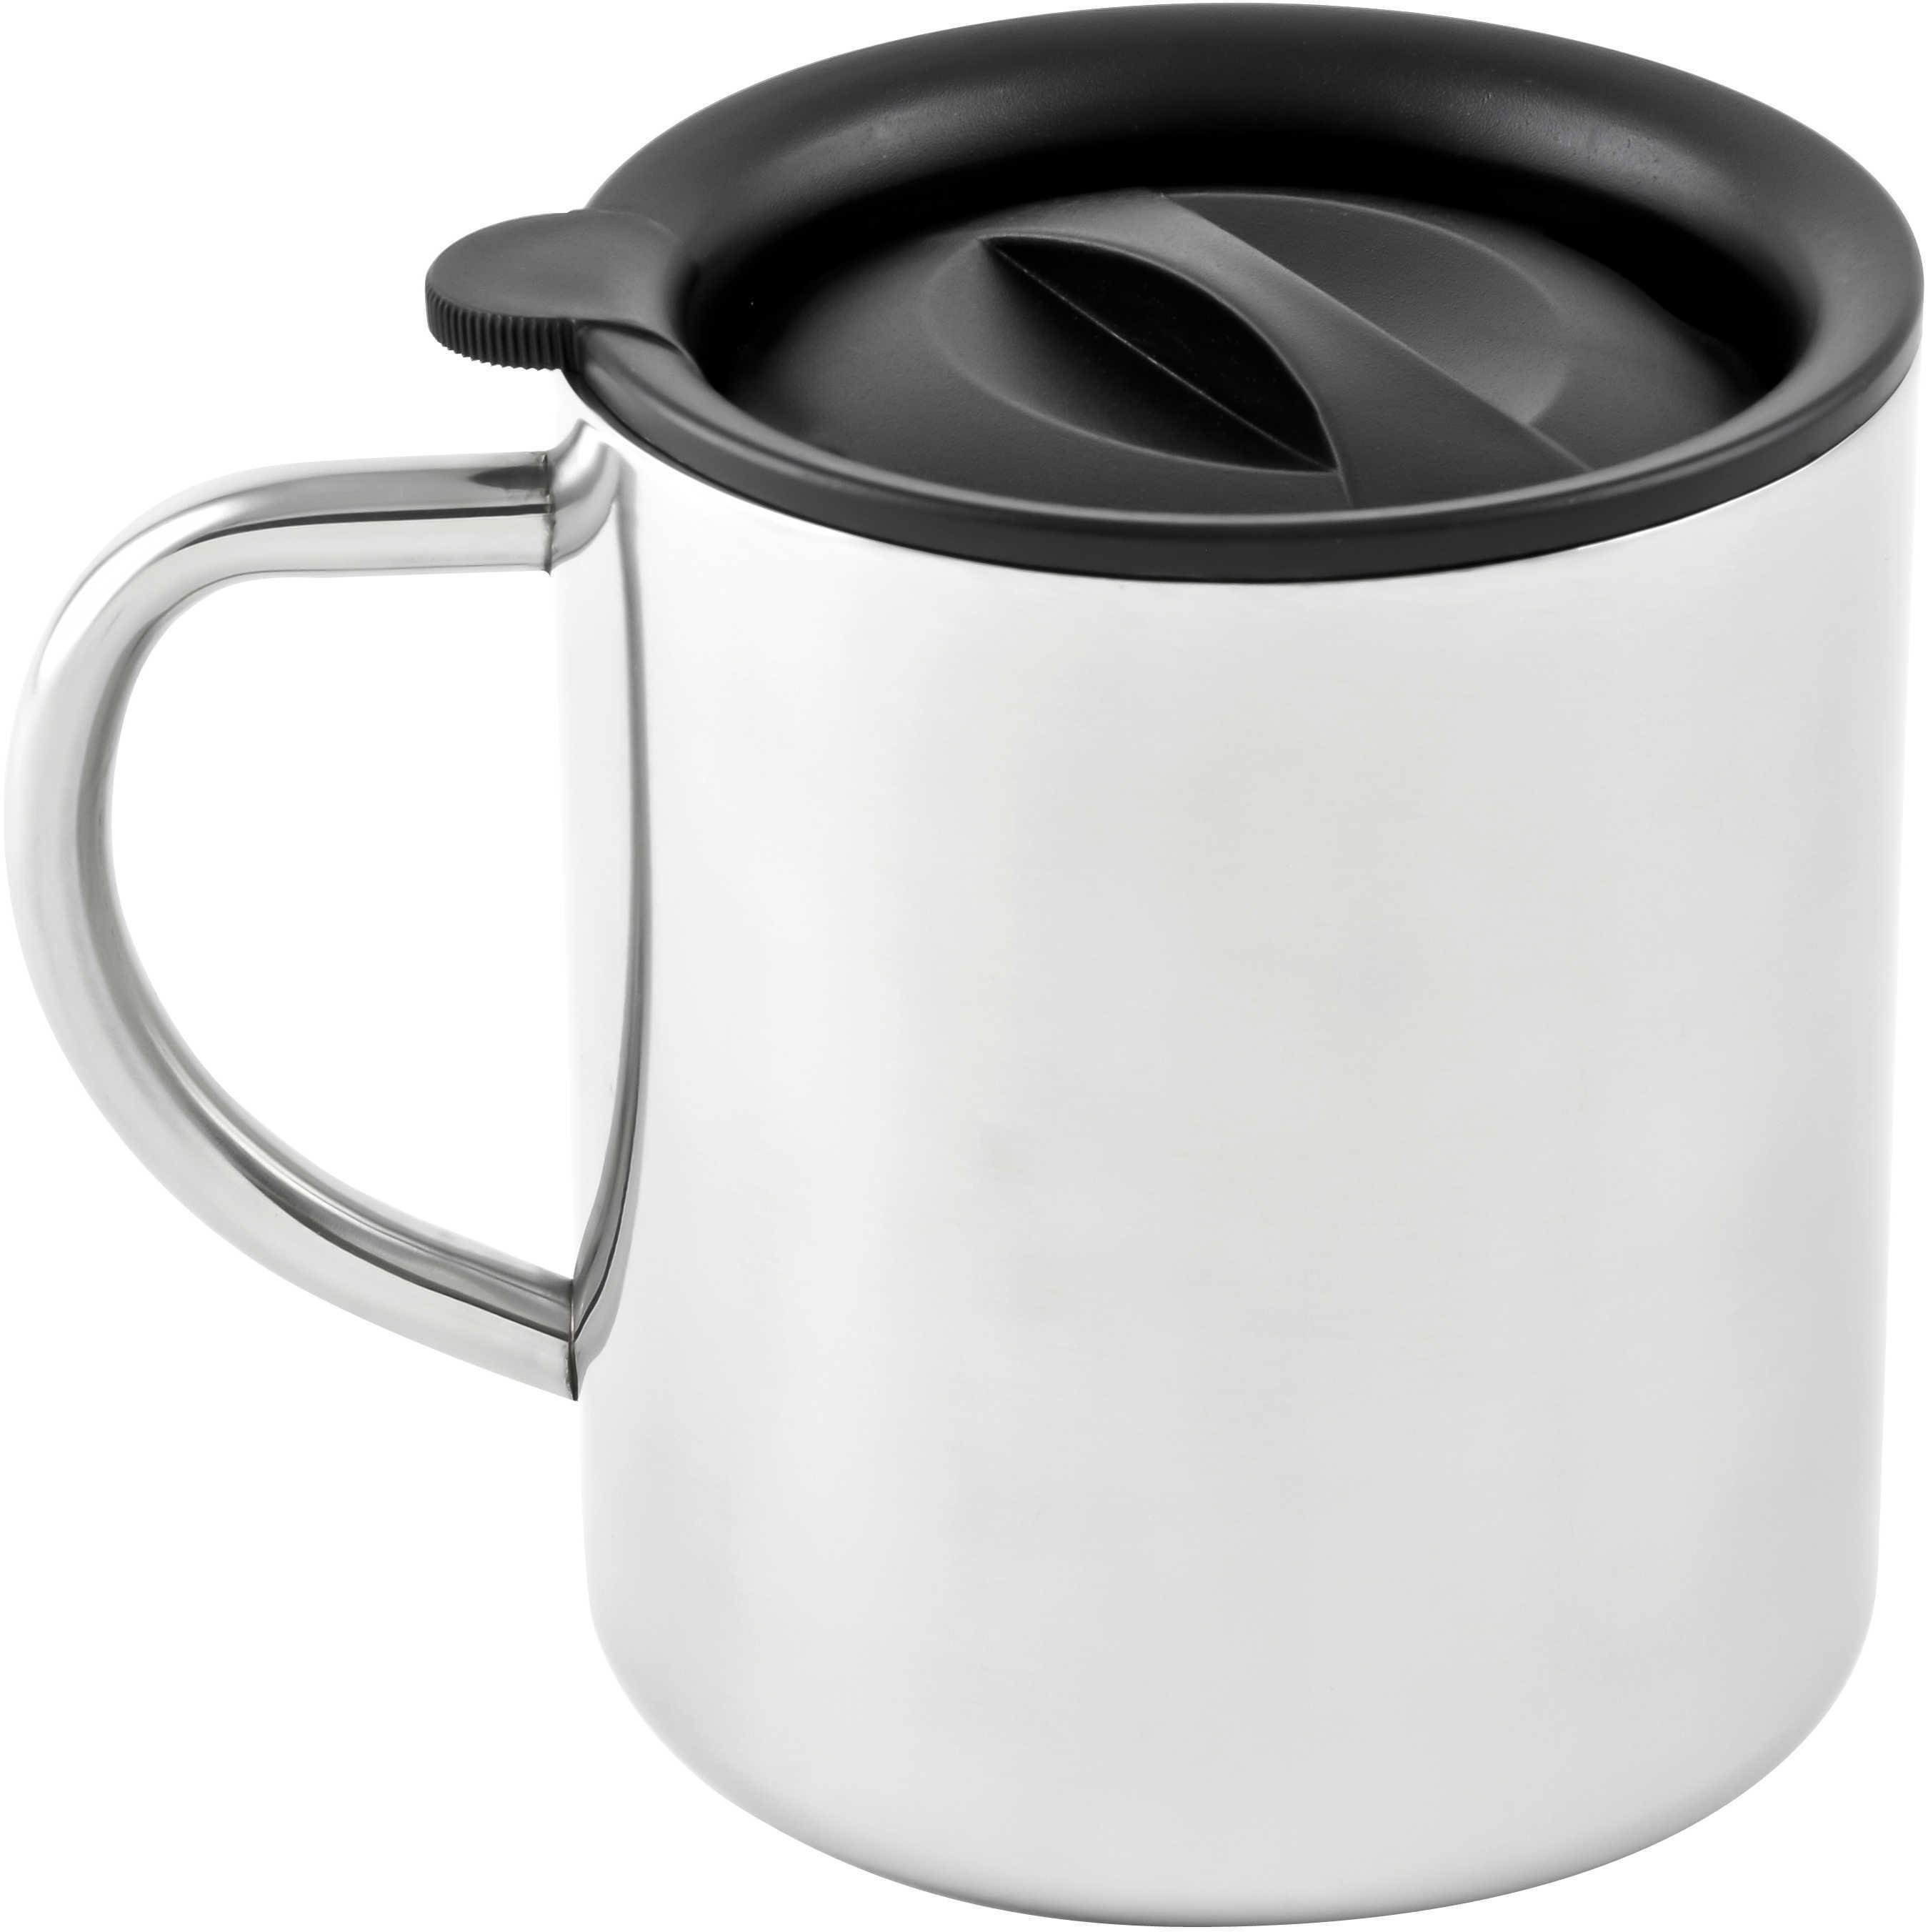 Timberline D-W Mug 15 W/Lid Md: 42116